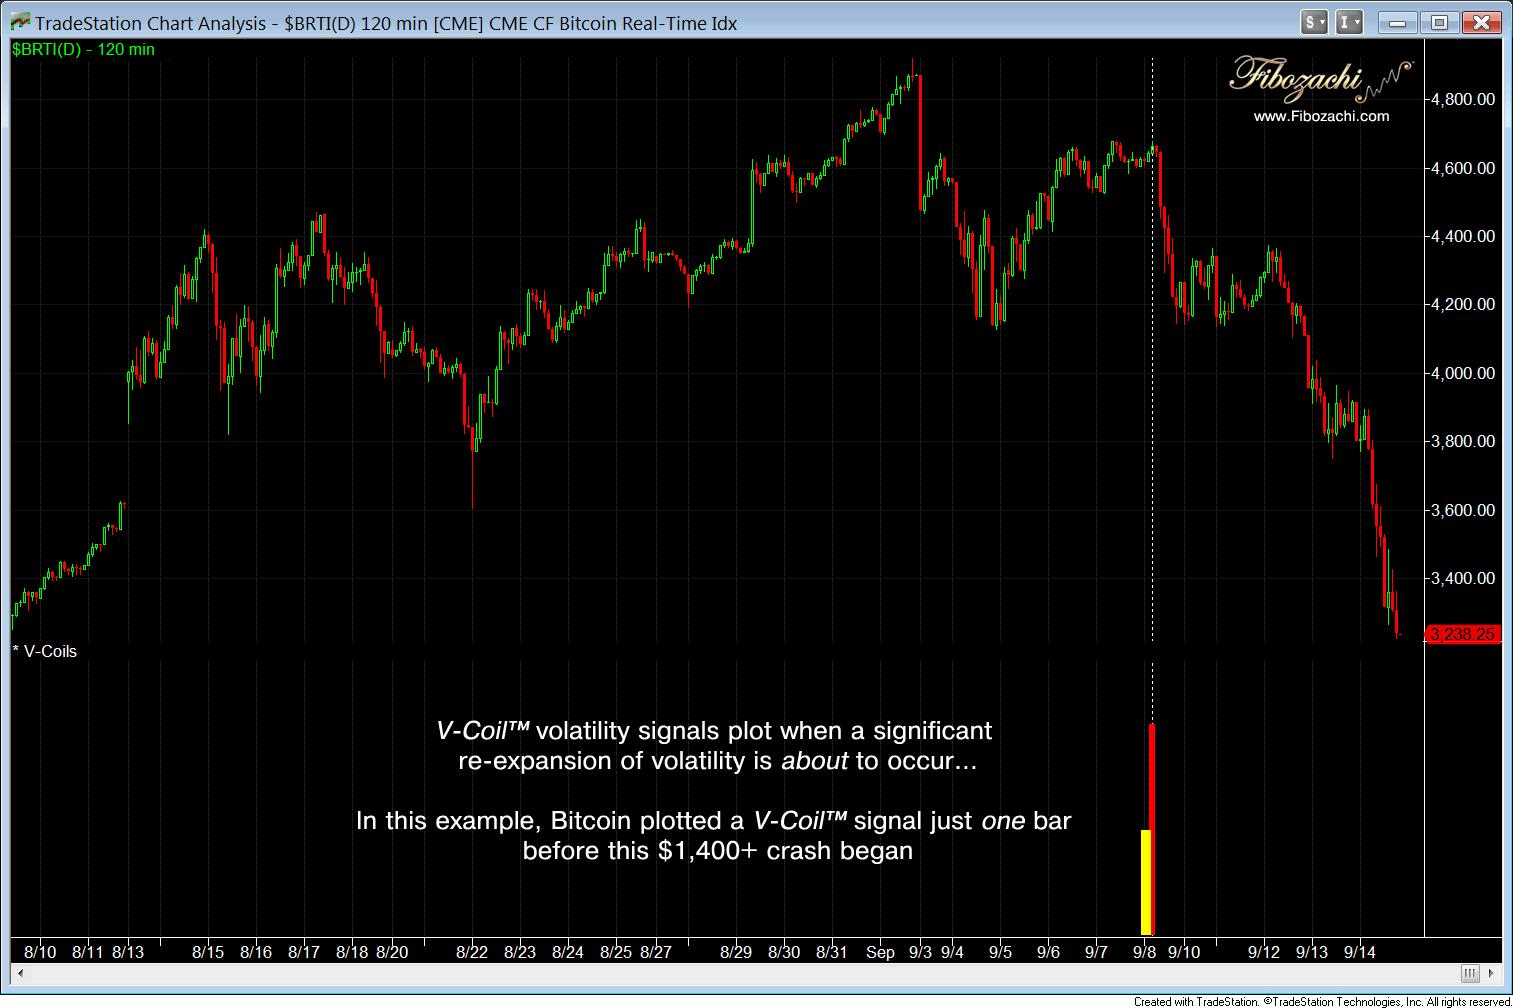 bitcoin v coil volatility signal